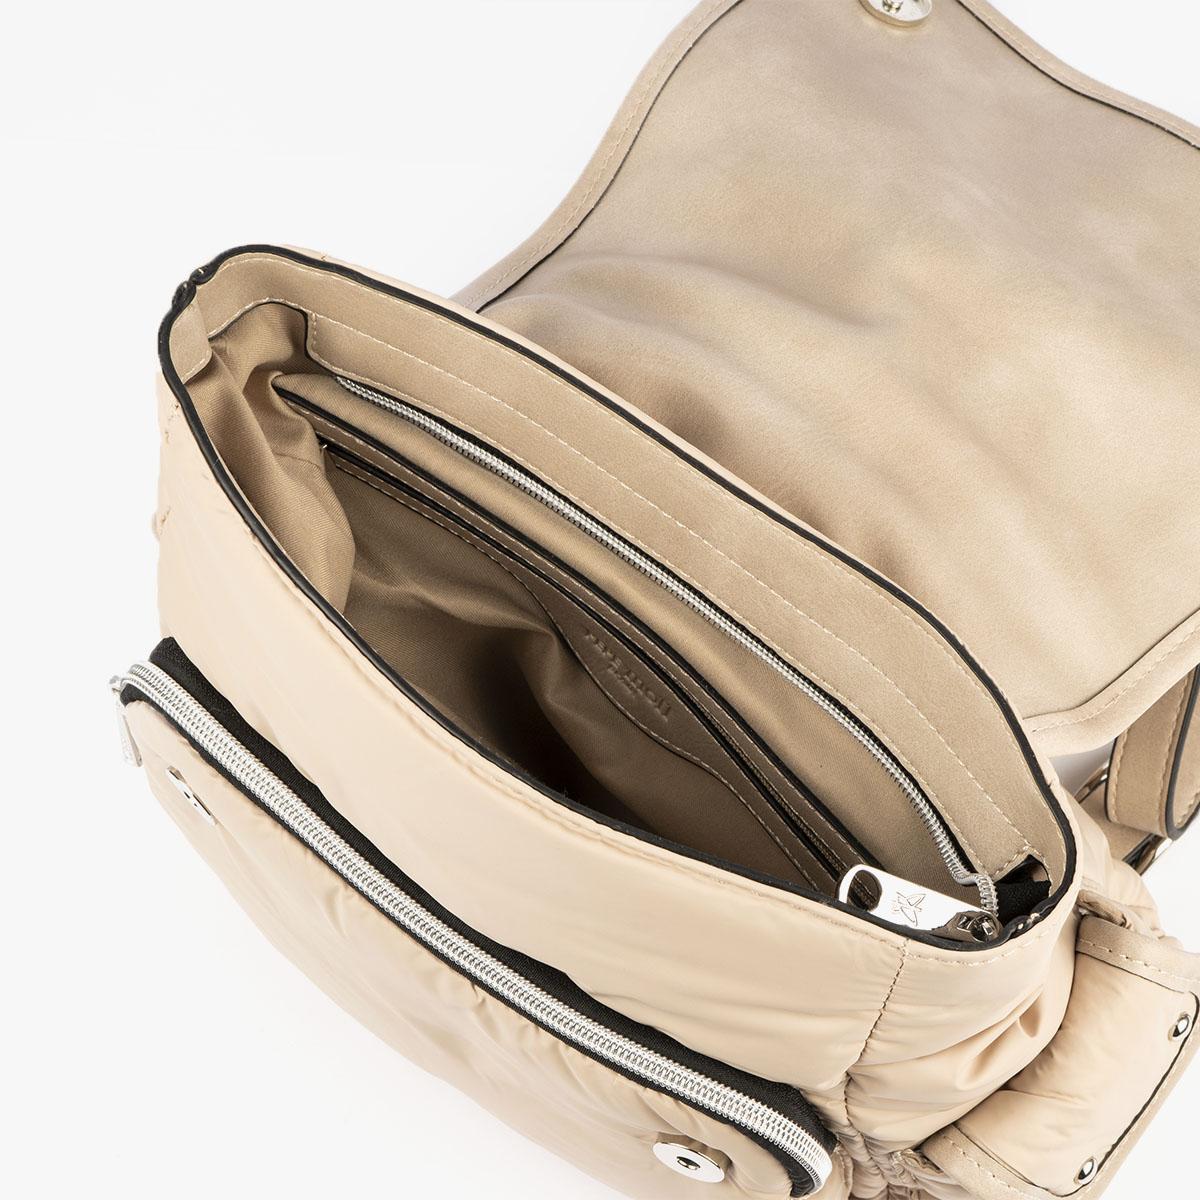 20125 bolso mochila beige